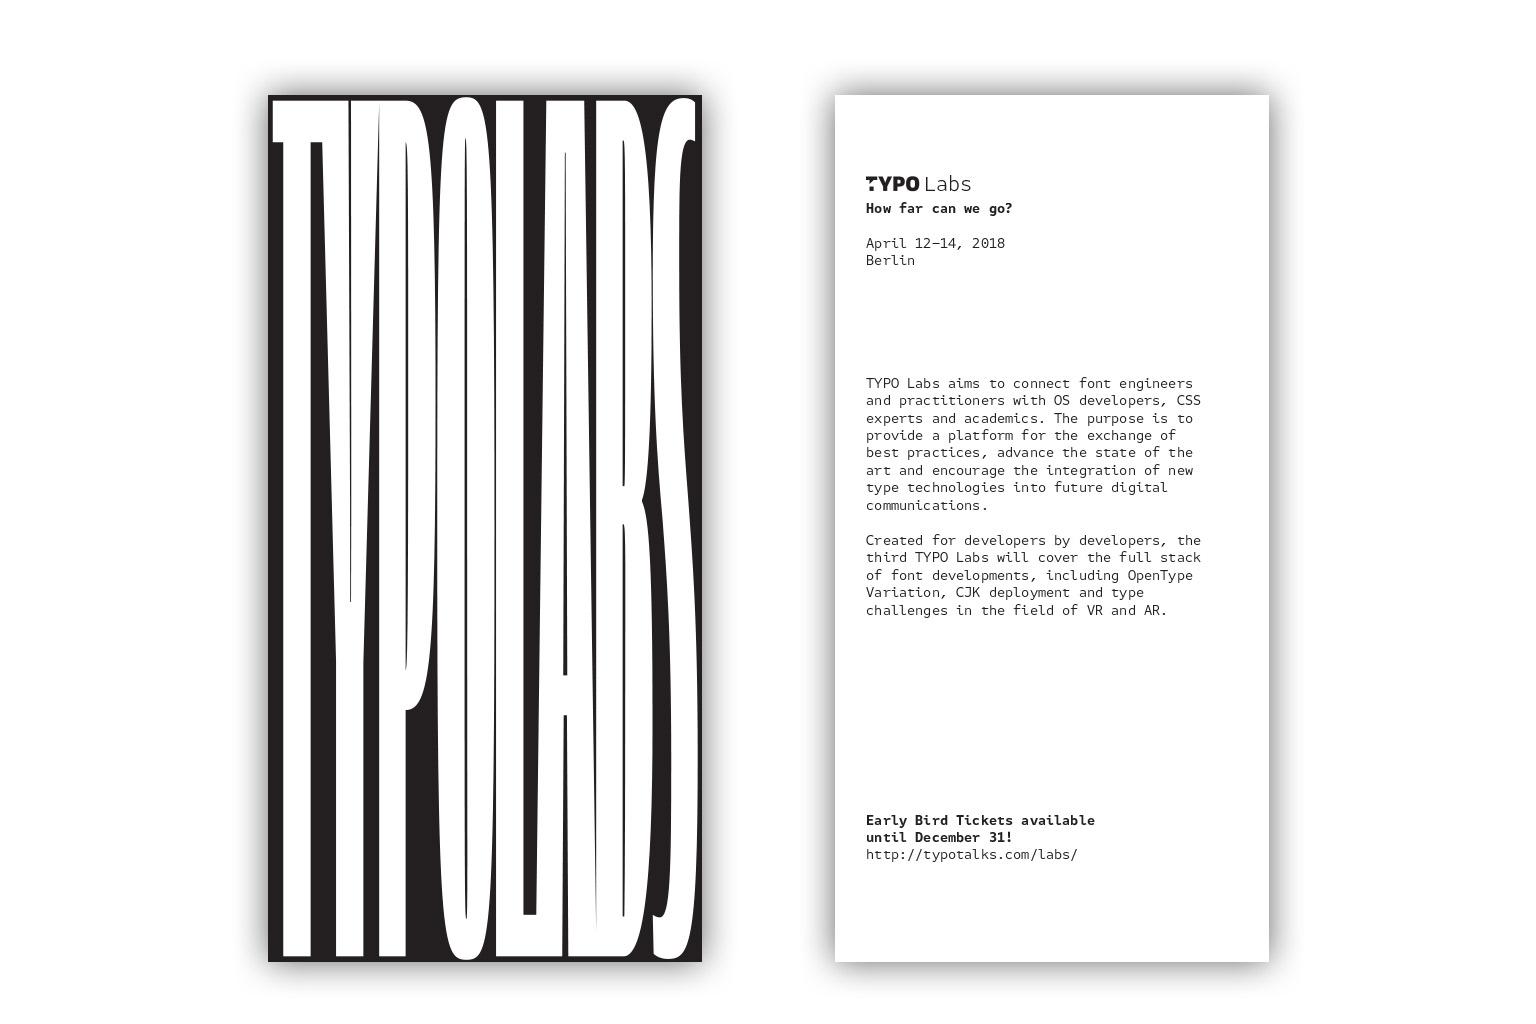 TYPO Labs Flyer